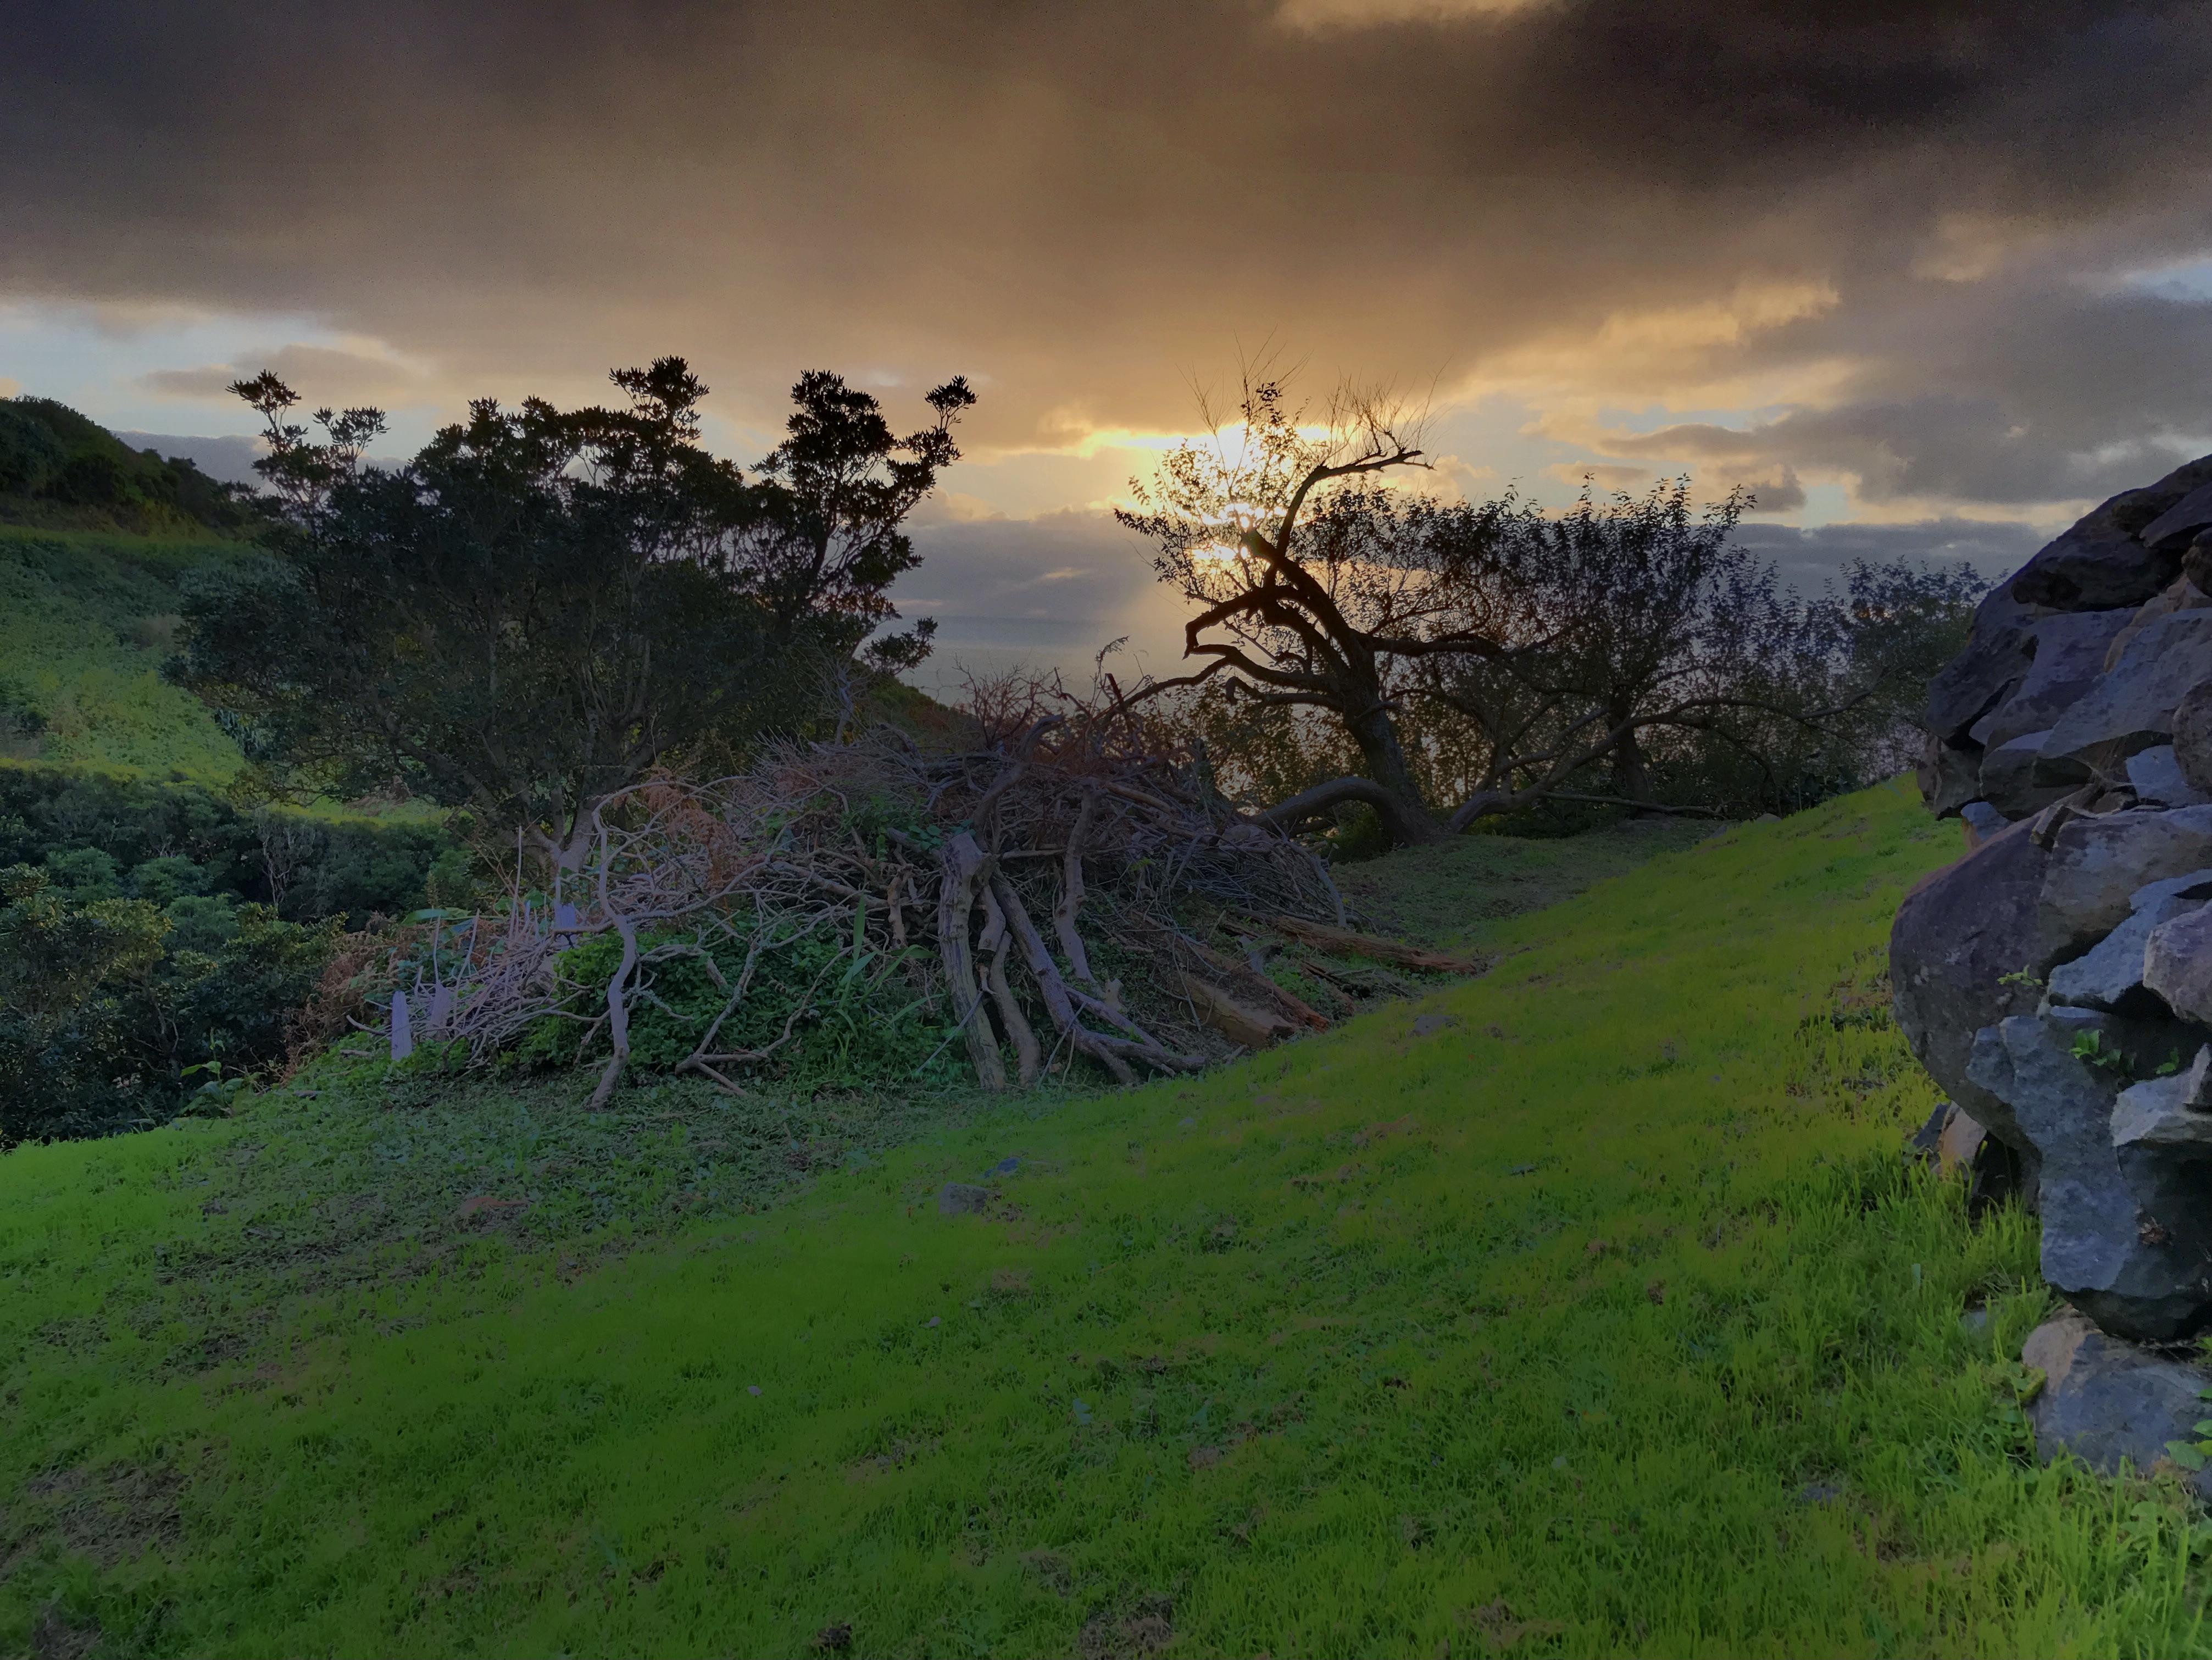 Pôr-do-sol frente à Casa da Ganhoa